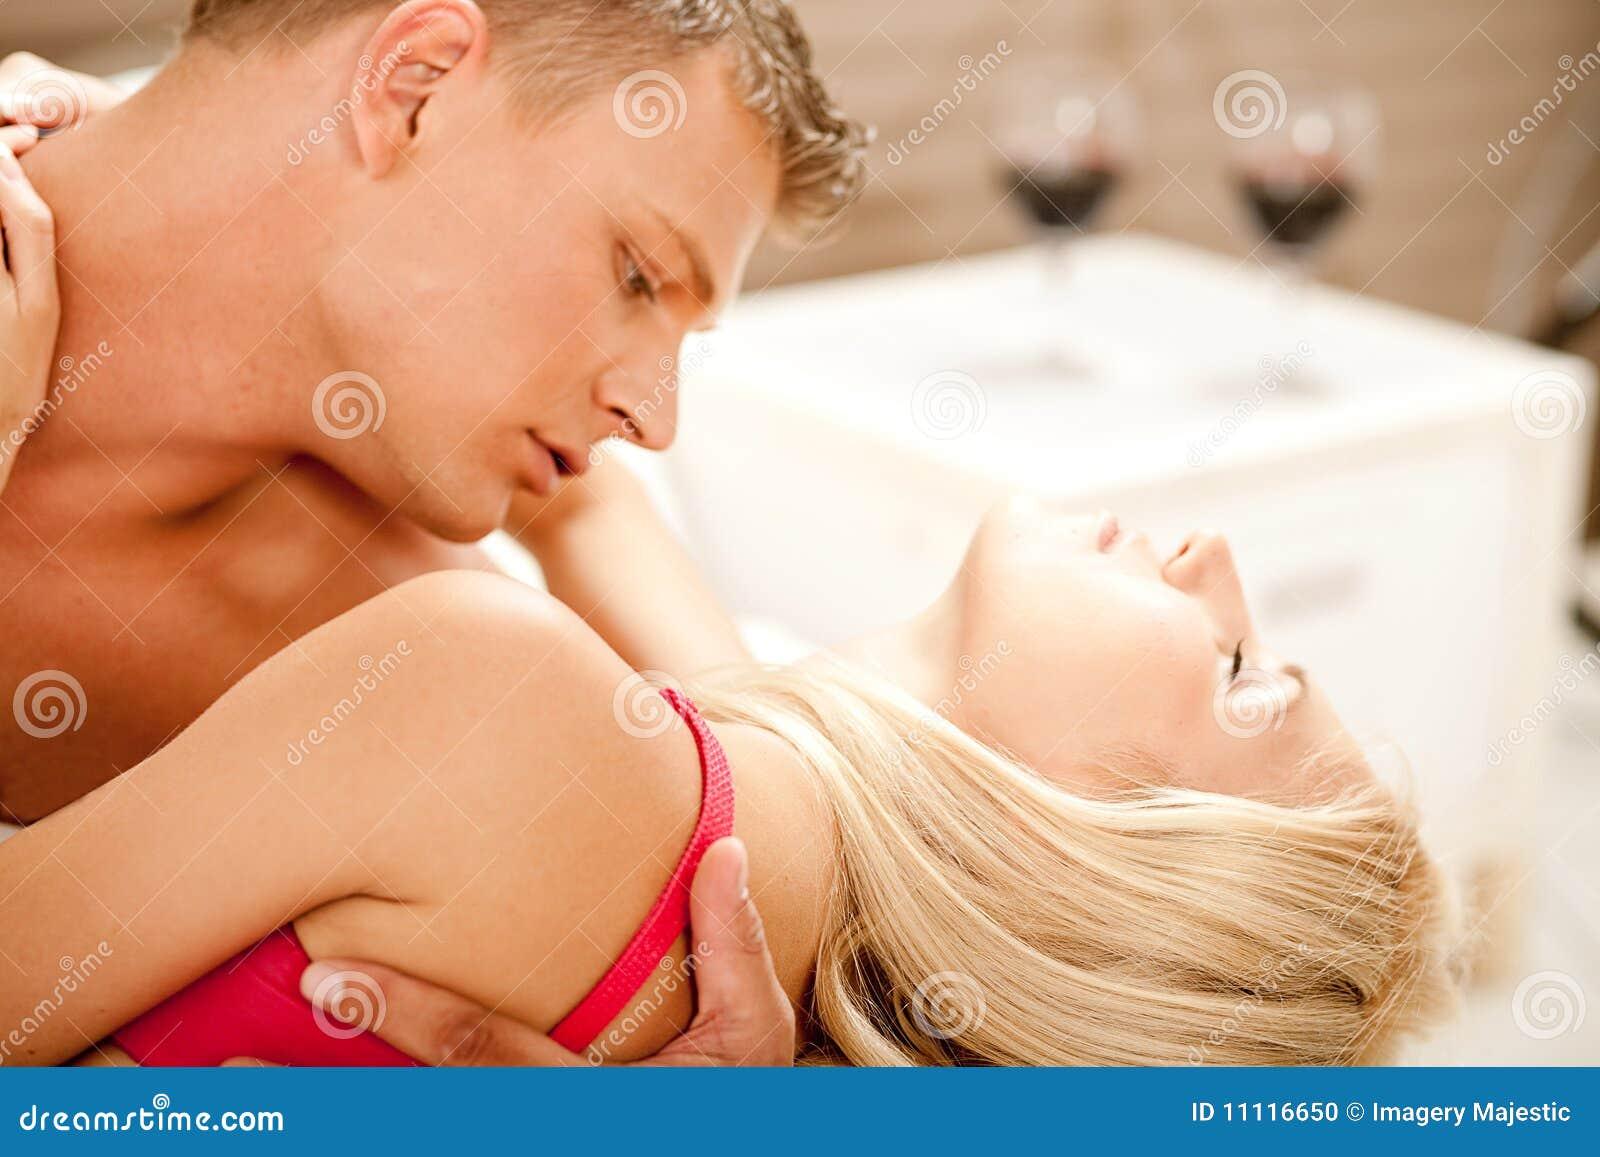 mozhet-li-poyti-krov-posle-seksa